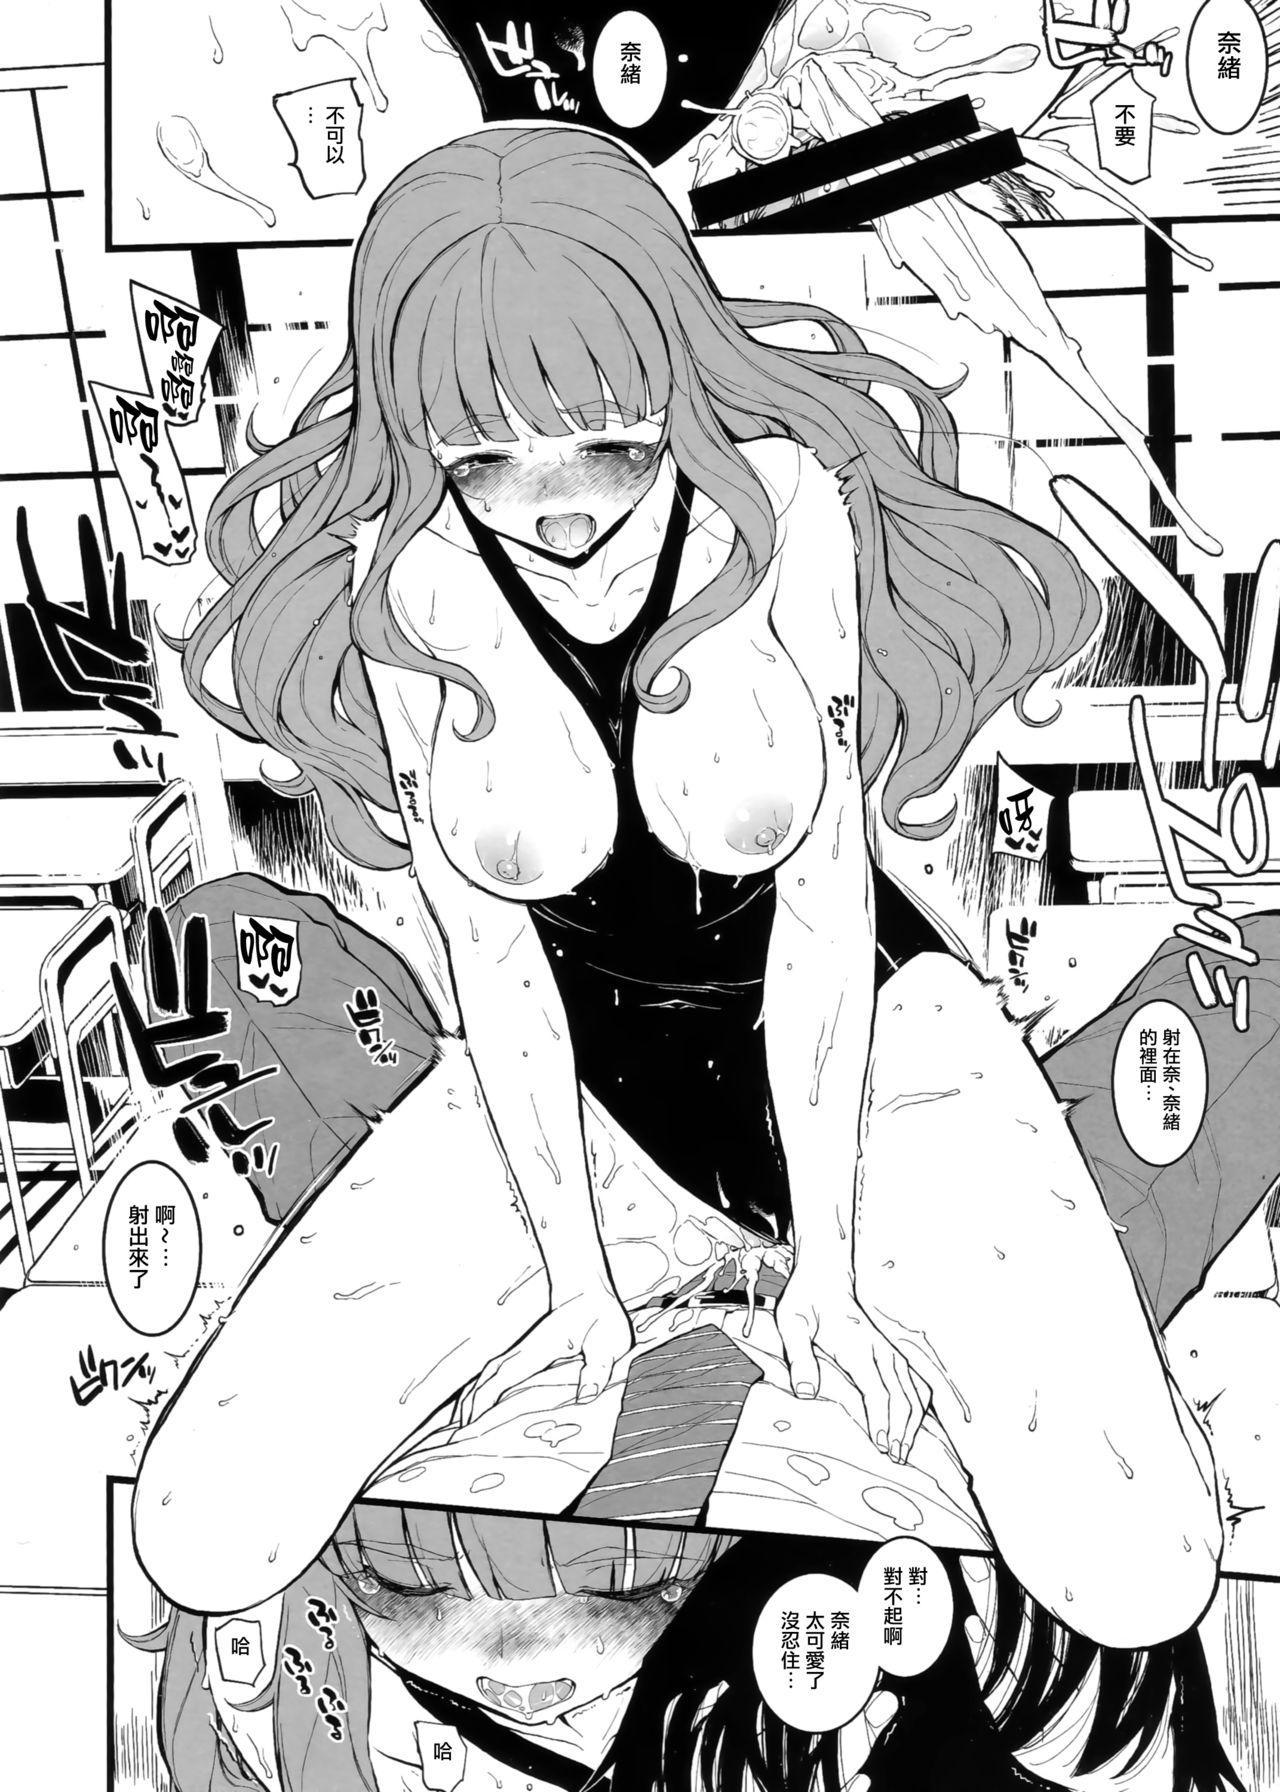 Nao-chan to Asedaku de Shichau Hon 16